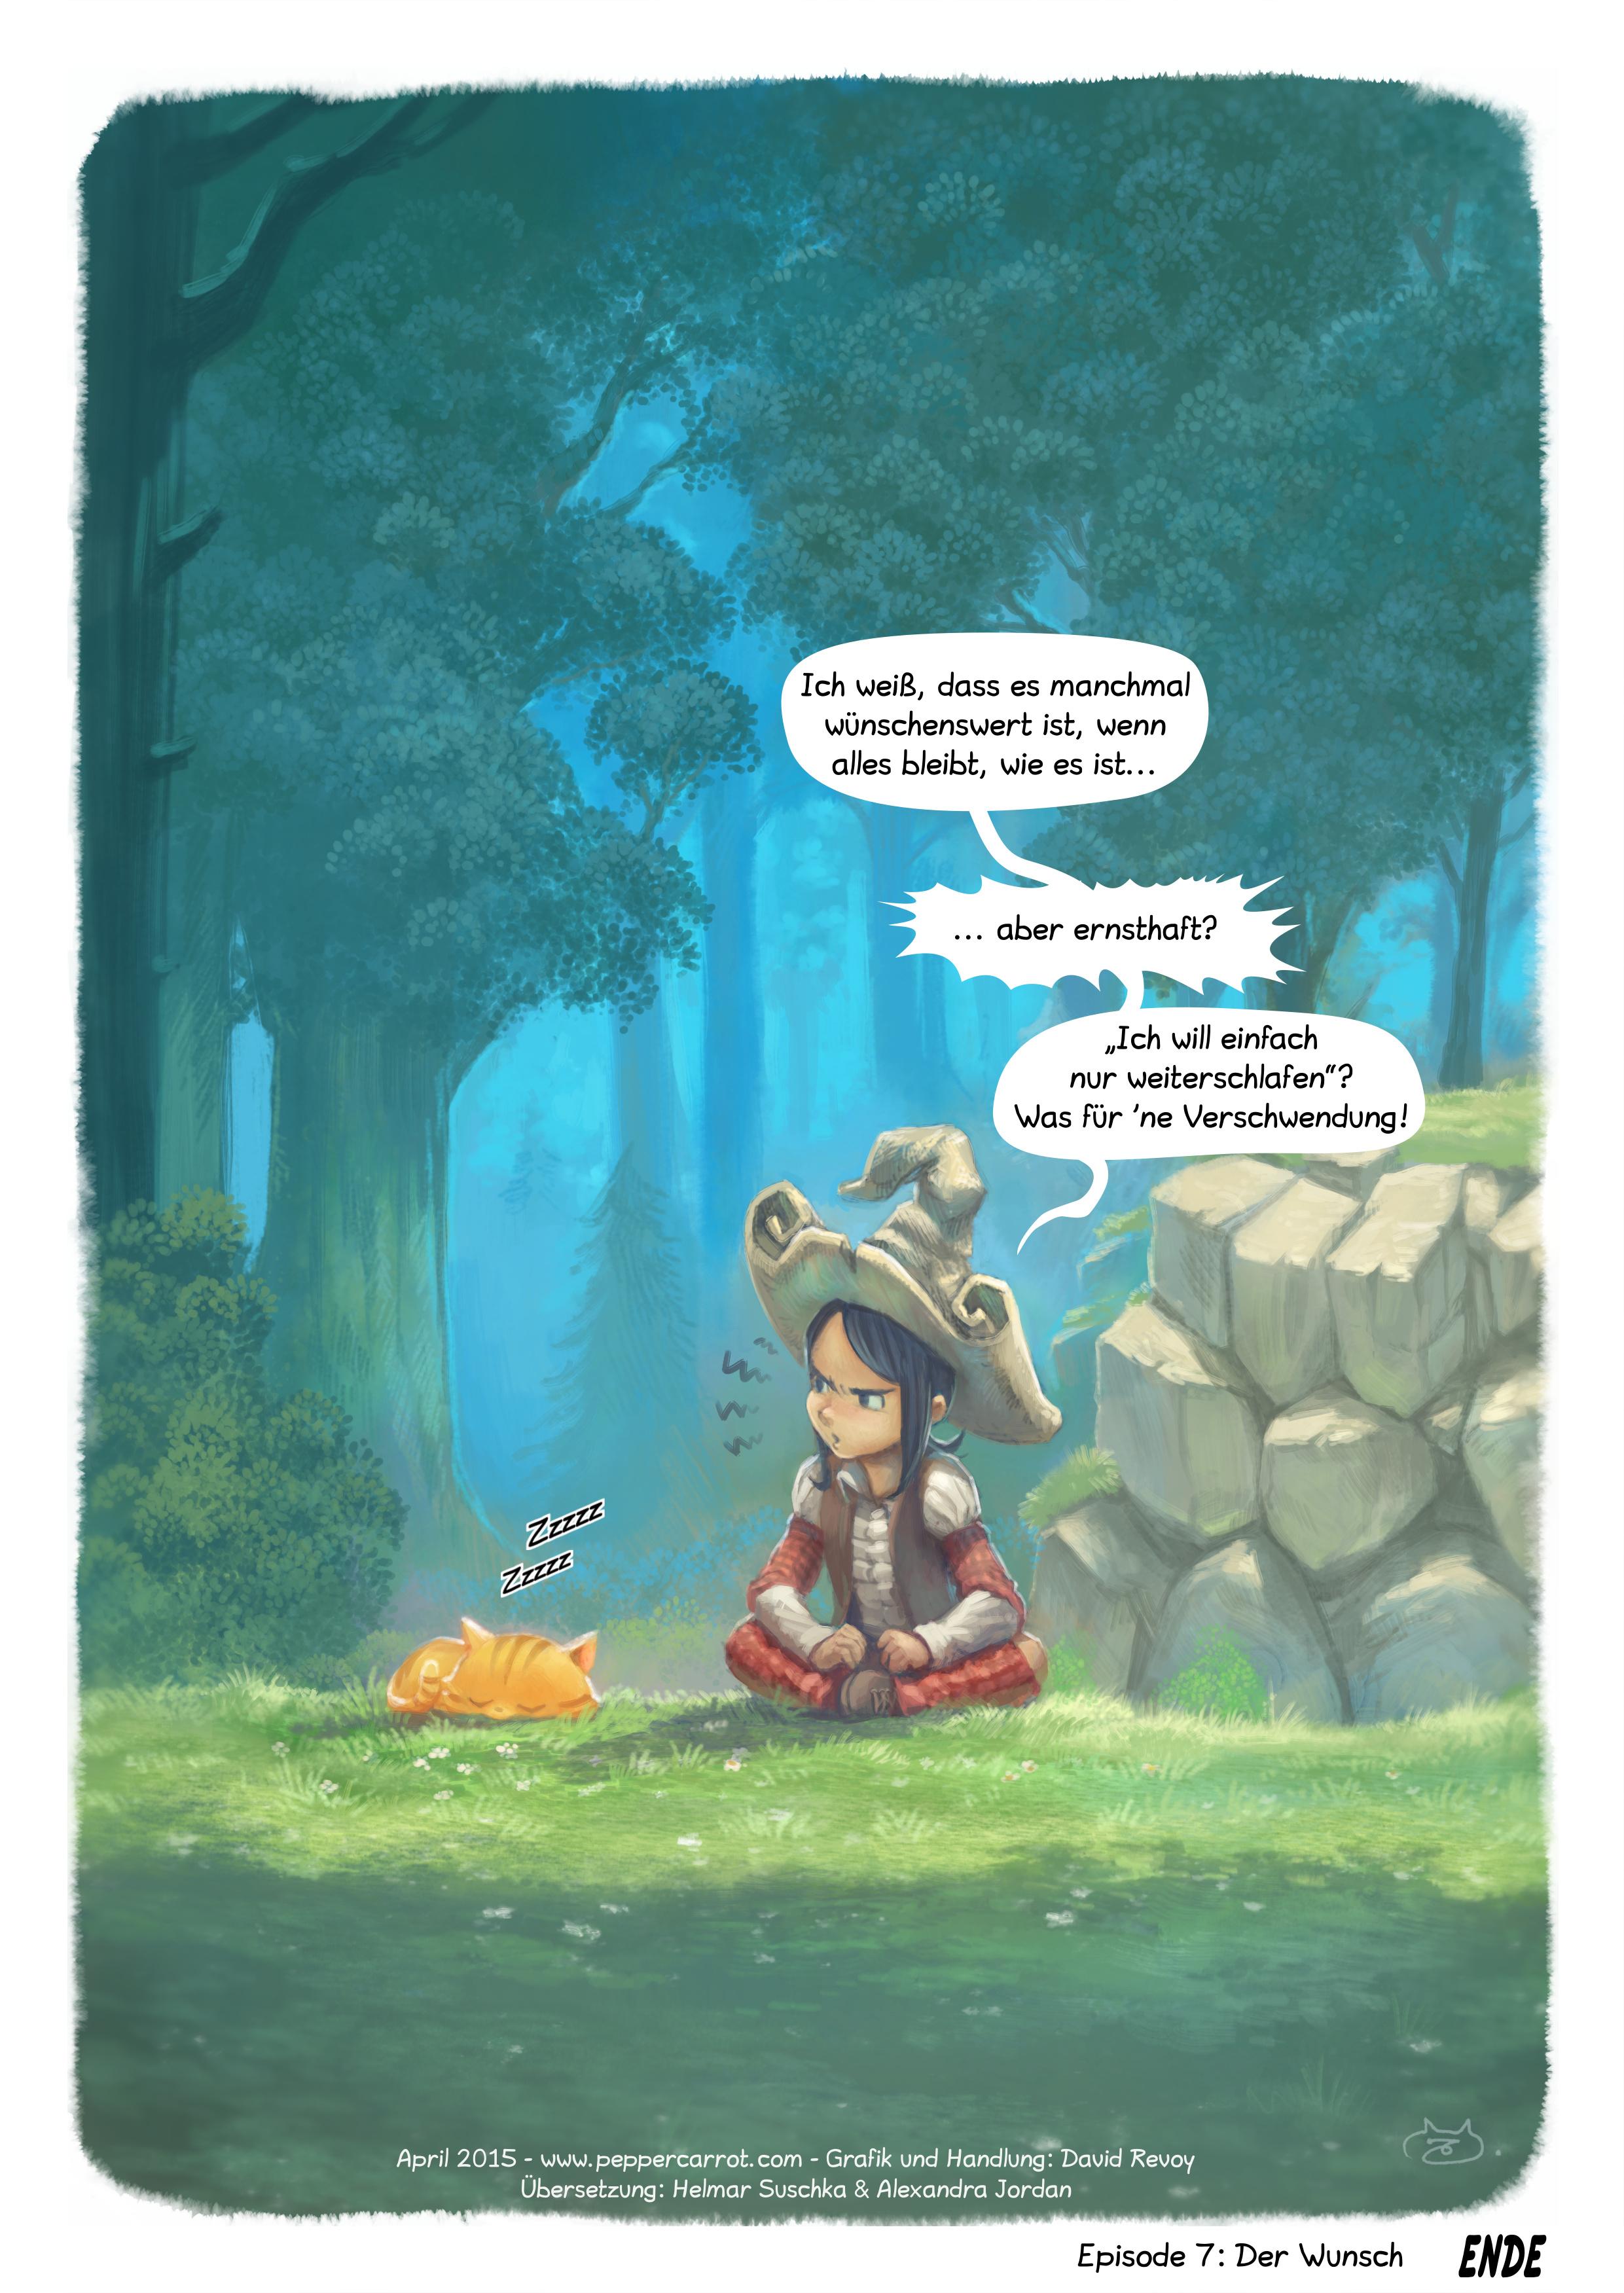 Episode 7: Der Wunsch, Page 5